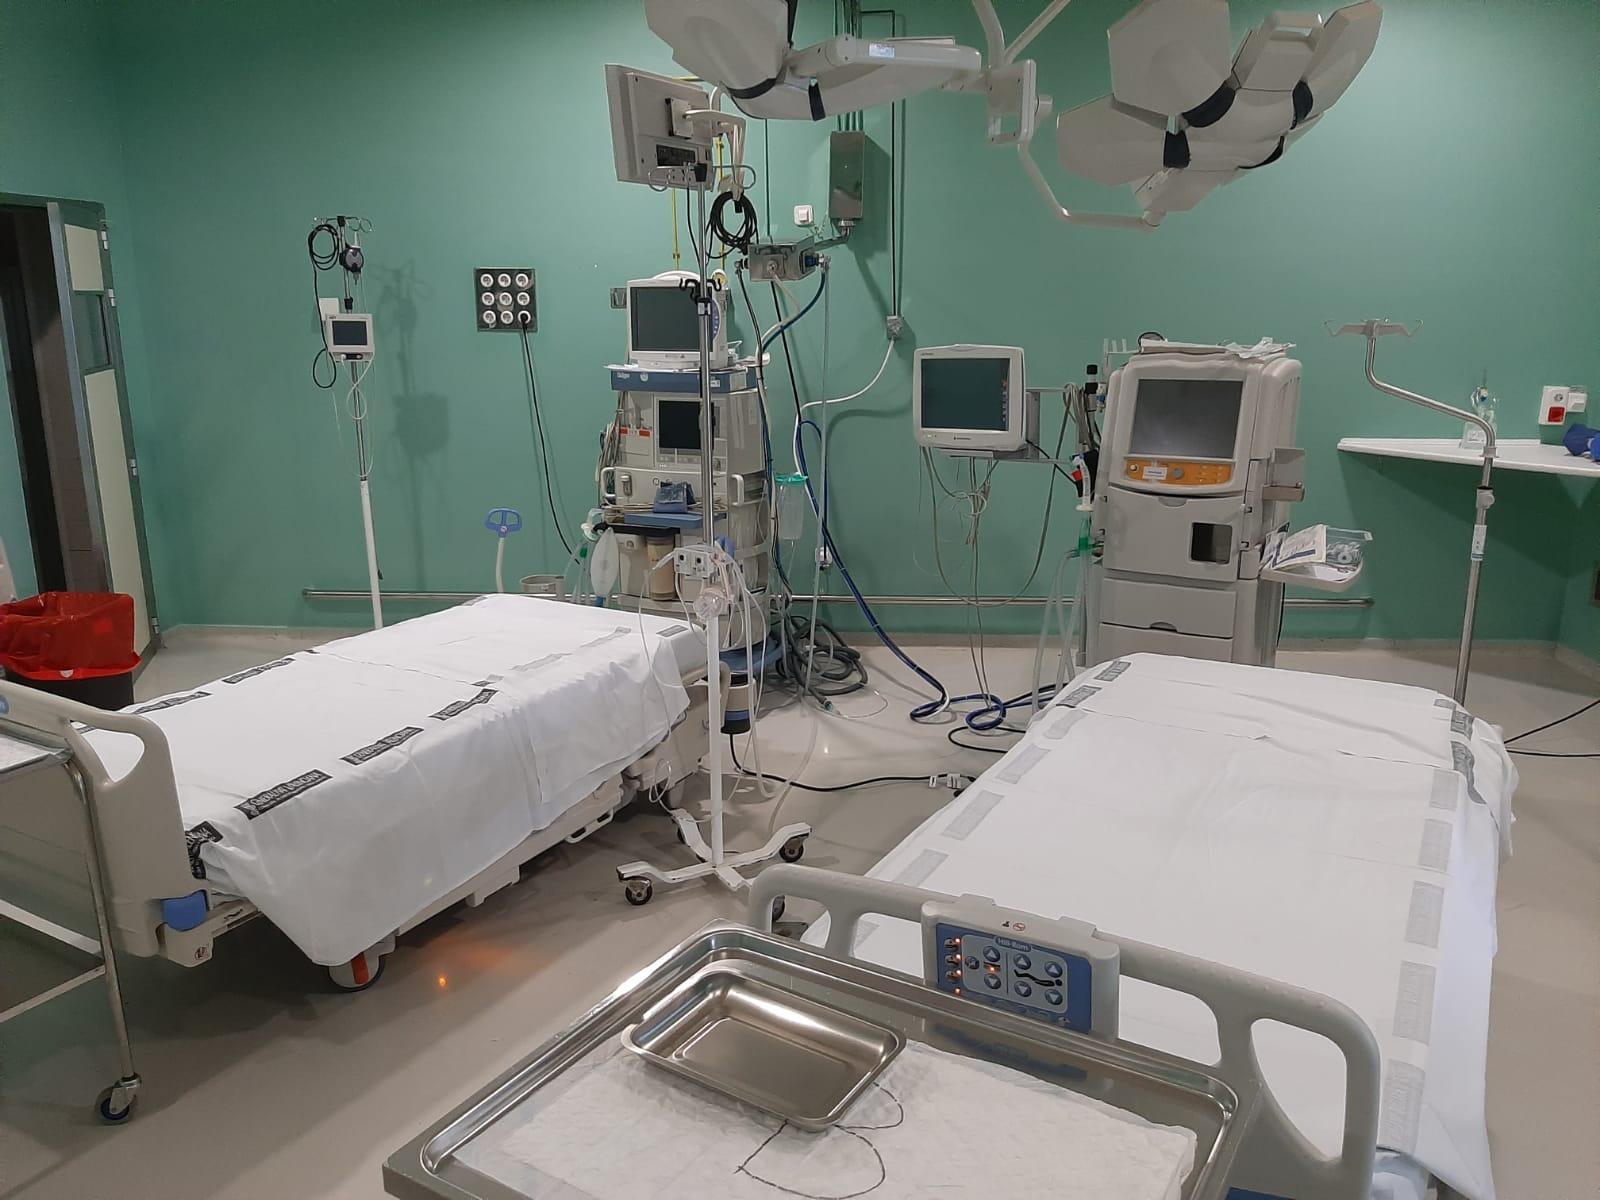 Rècord des de l'inici de la pandèmia amb 129 casos en Ontinyent El Periòdic d'Ontinyent